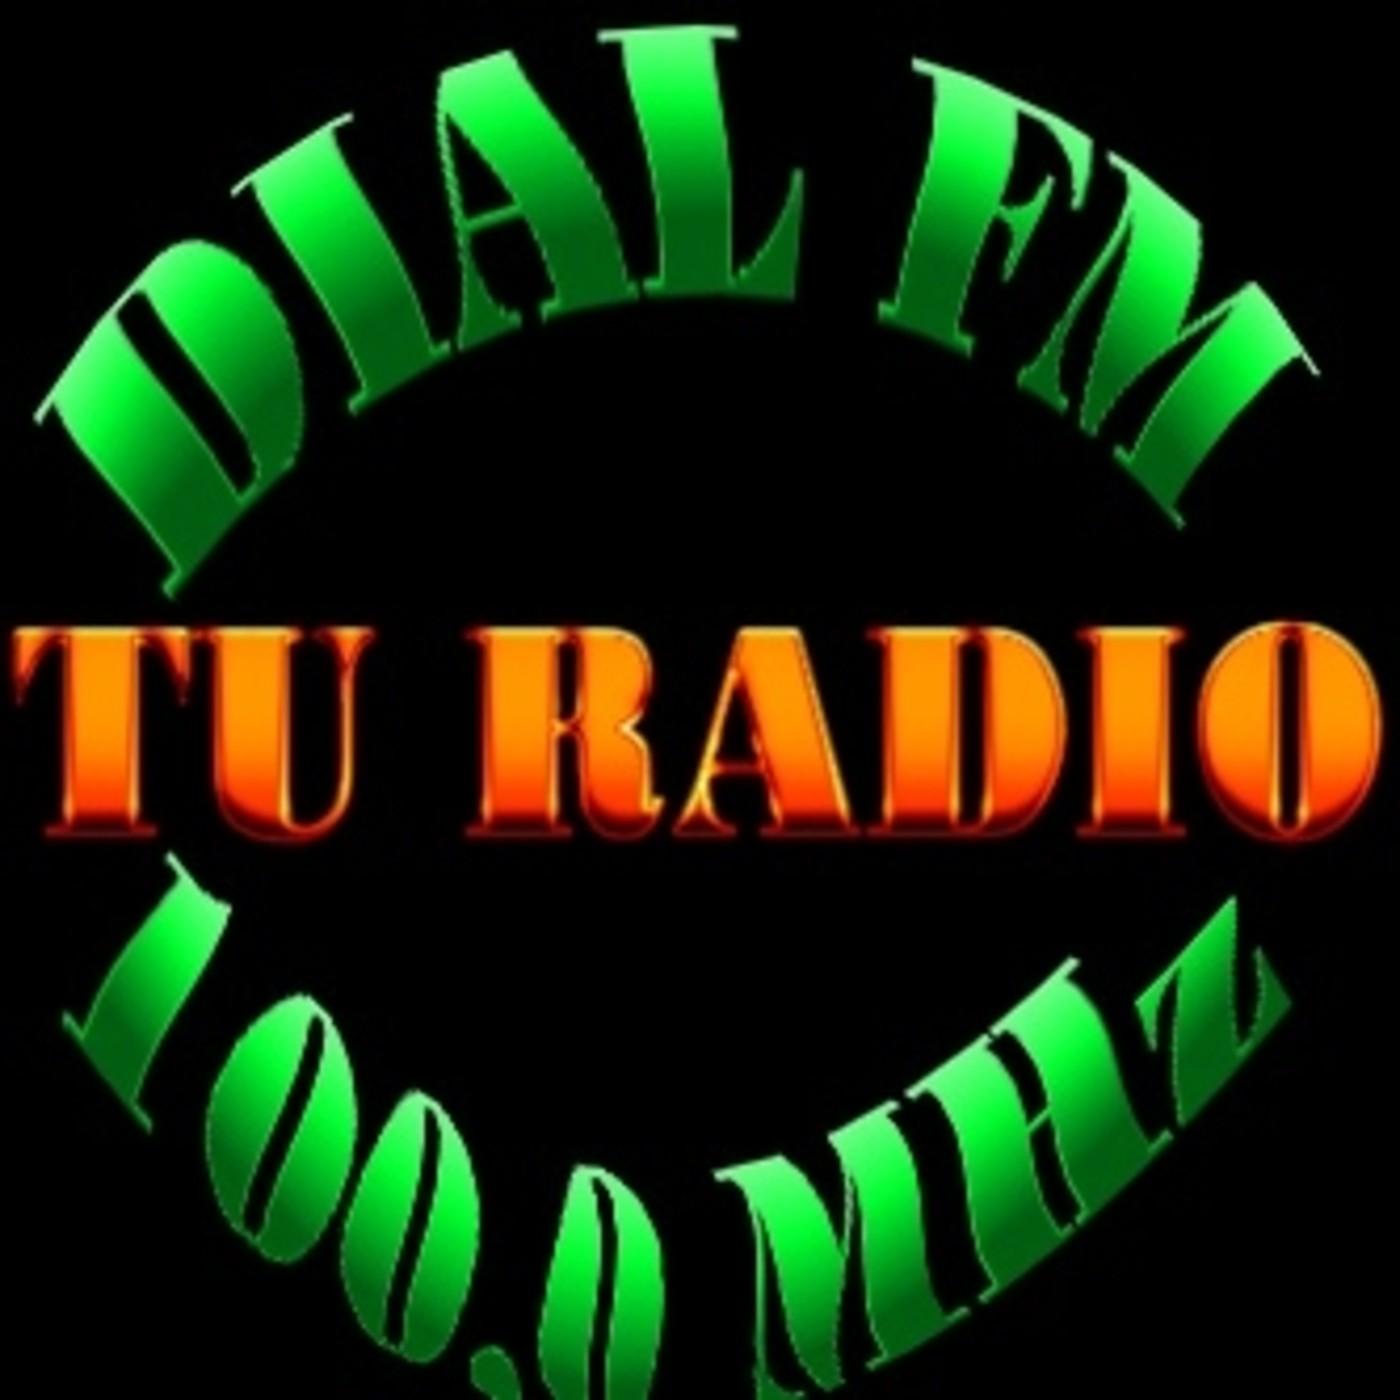 Dial fm trasmision dia 20 de octubre del 2020